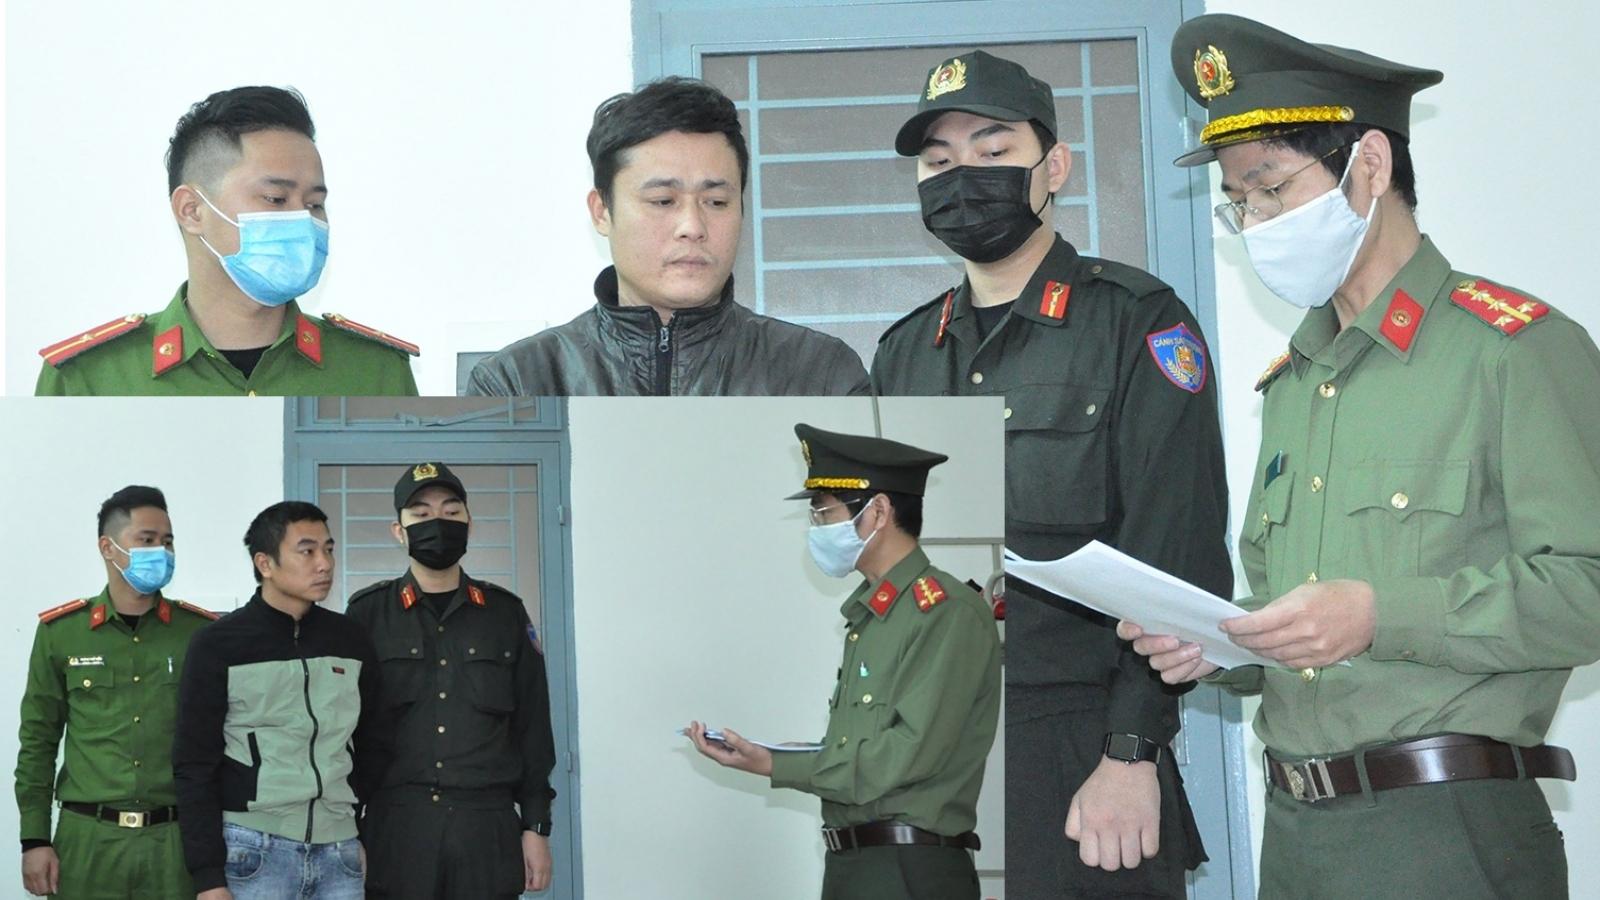 Đà Nẵng khởi tố vụ án đưa người nhập cảnh trái phép